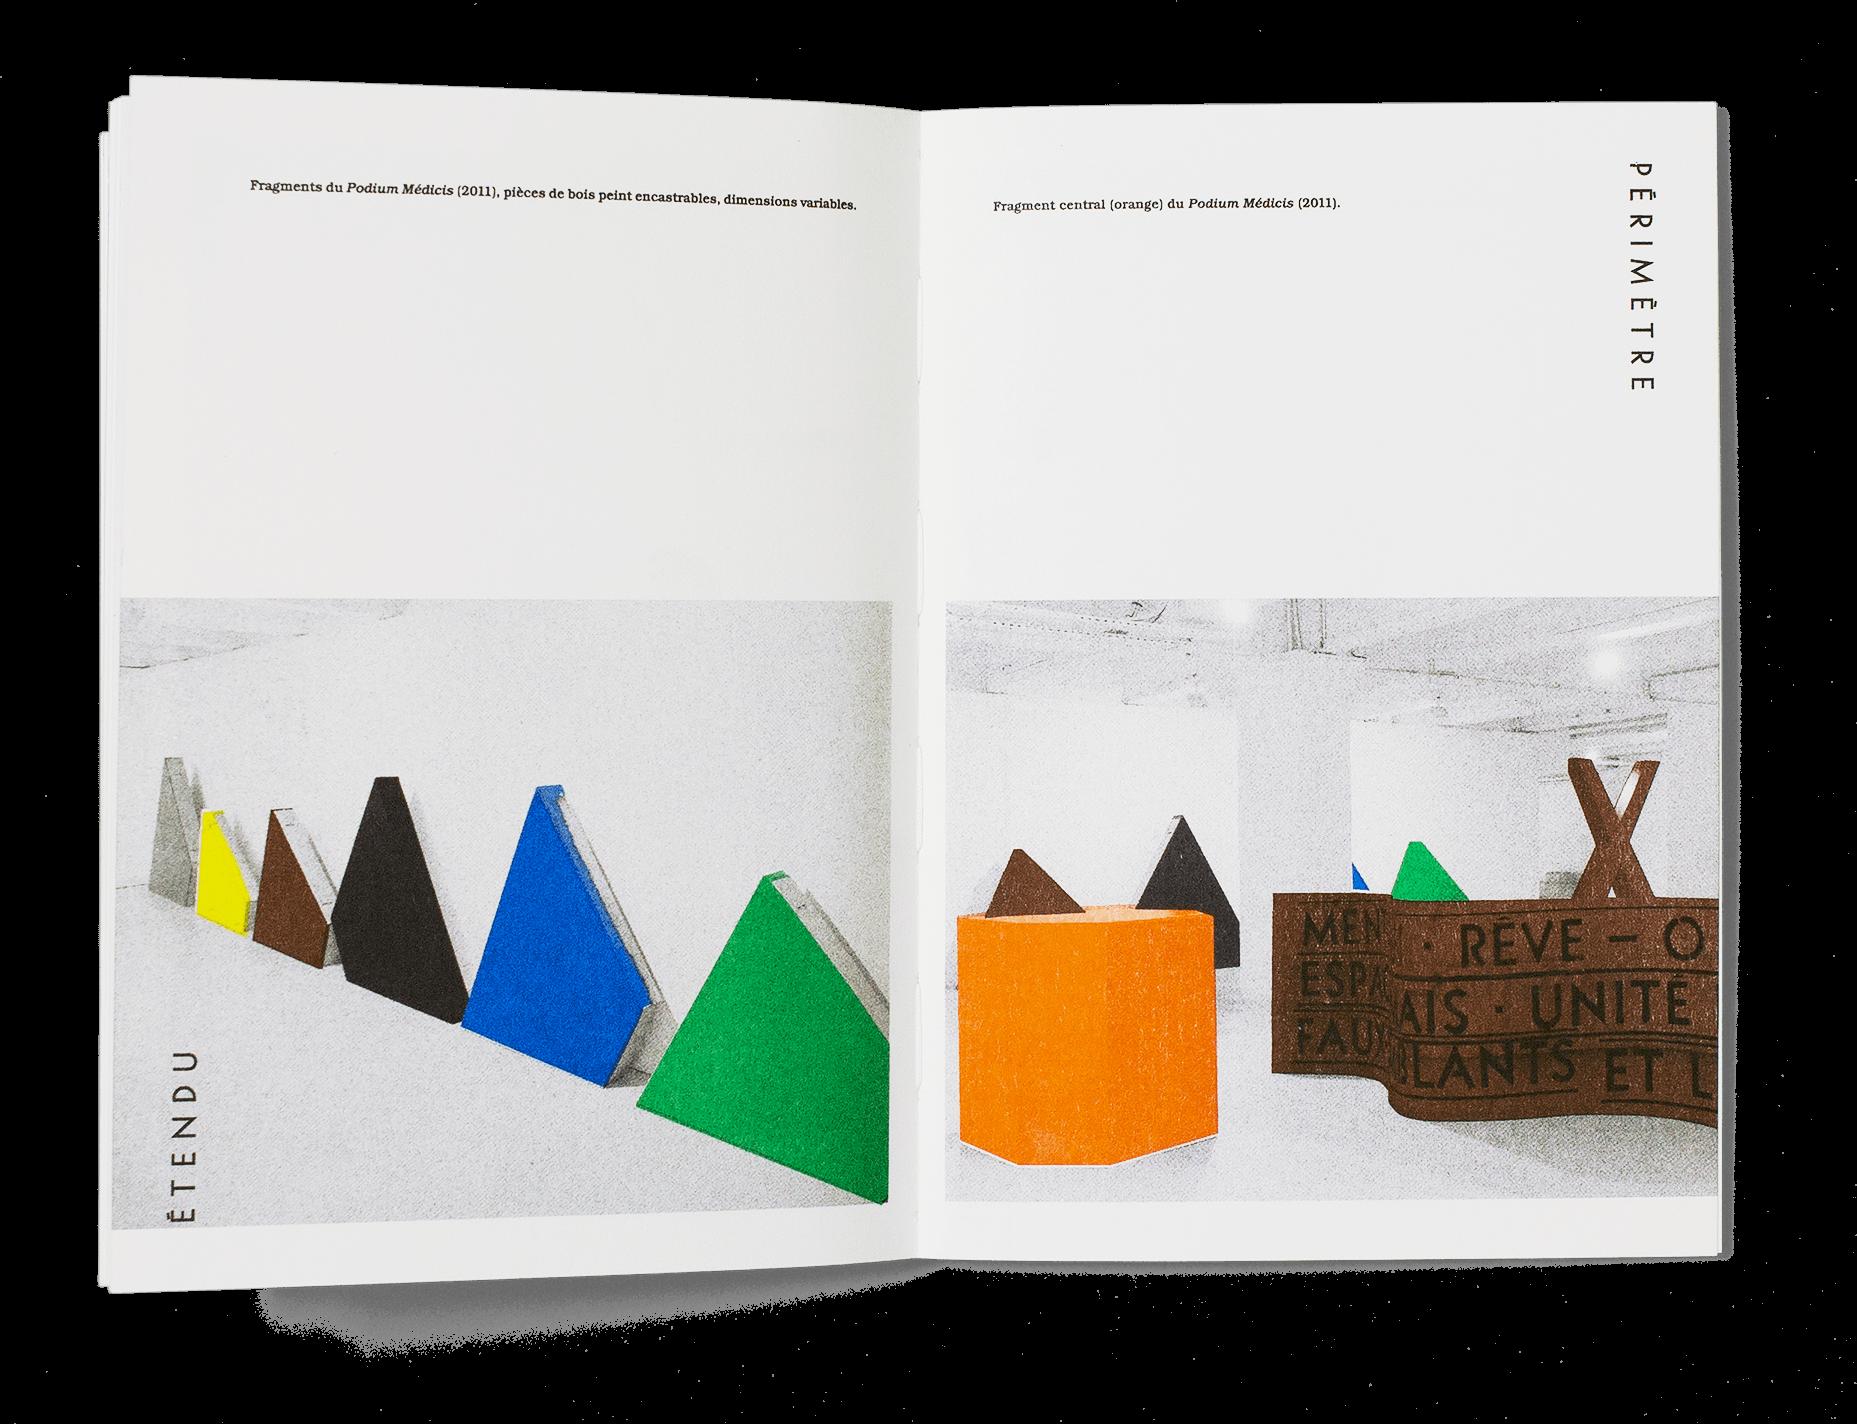 Catalogue du cycle d'événements «Périmètre étendu» organisé par les étudiant·e·s du Master «Métiers et arts de l'exposition » de l'Université de Rennes dans le cadre du cours donné par Delphine Coindet.